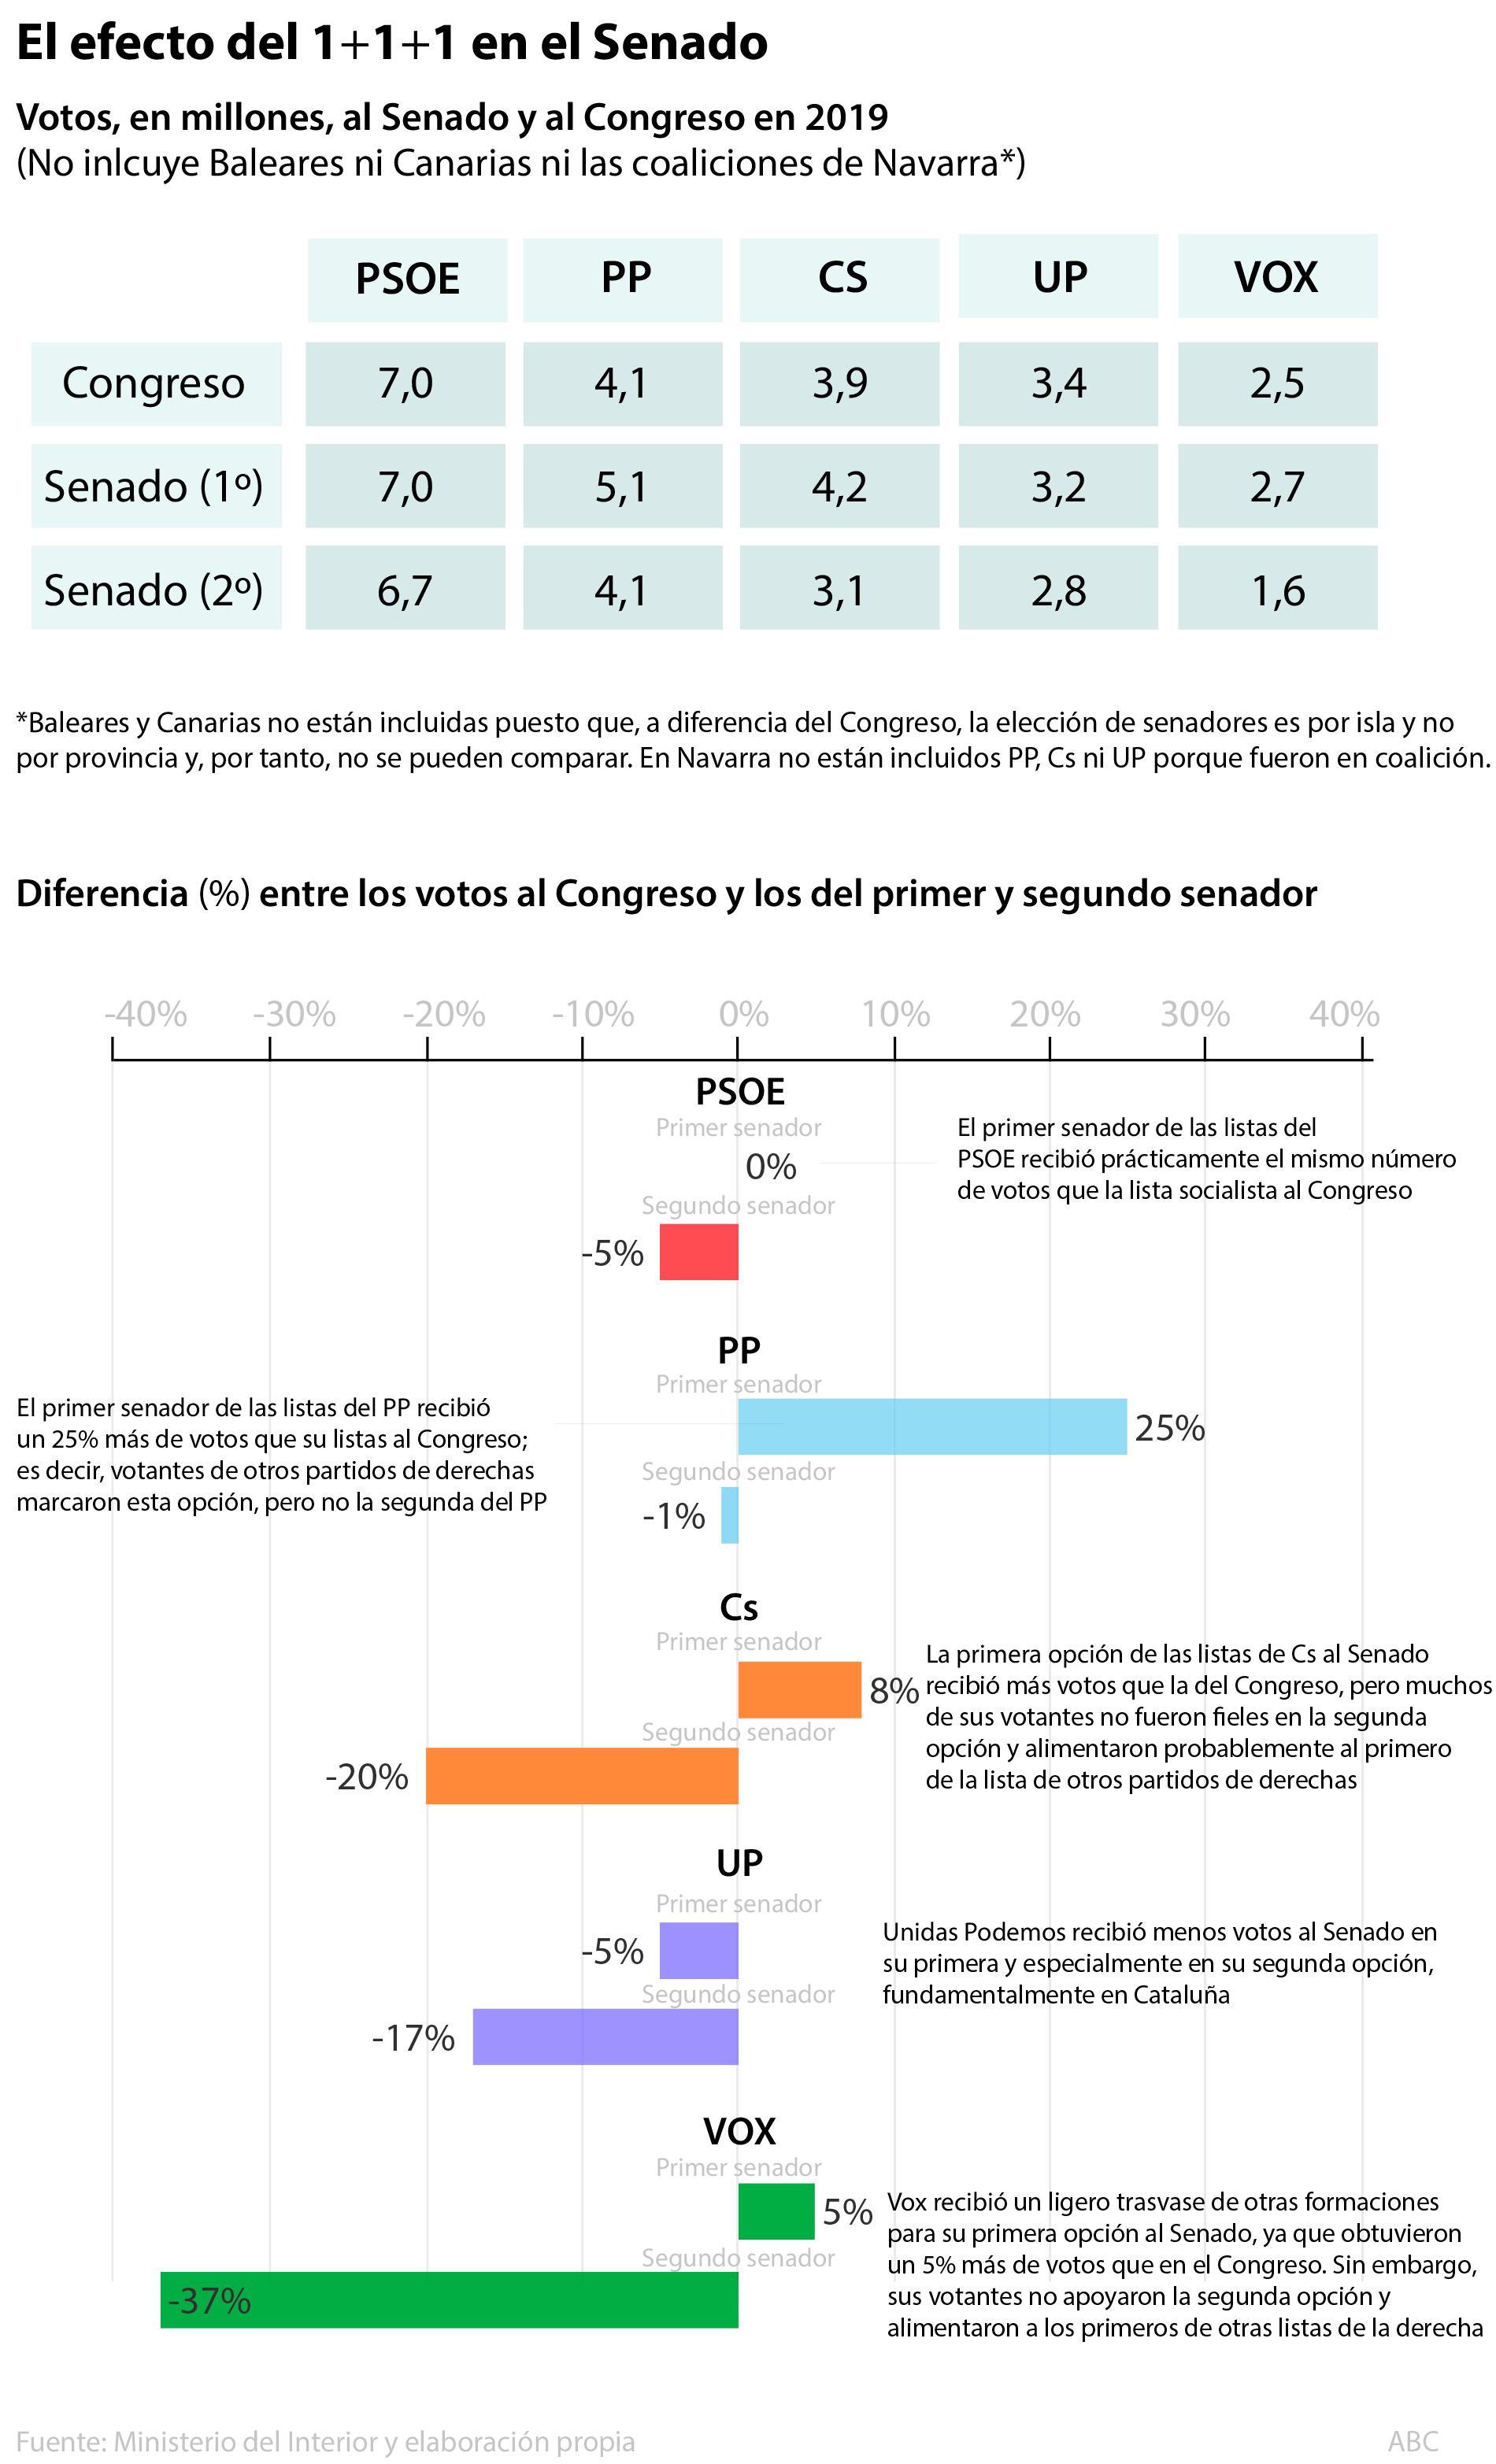 Efecto del voto 1+1+1 en el Senado